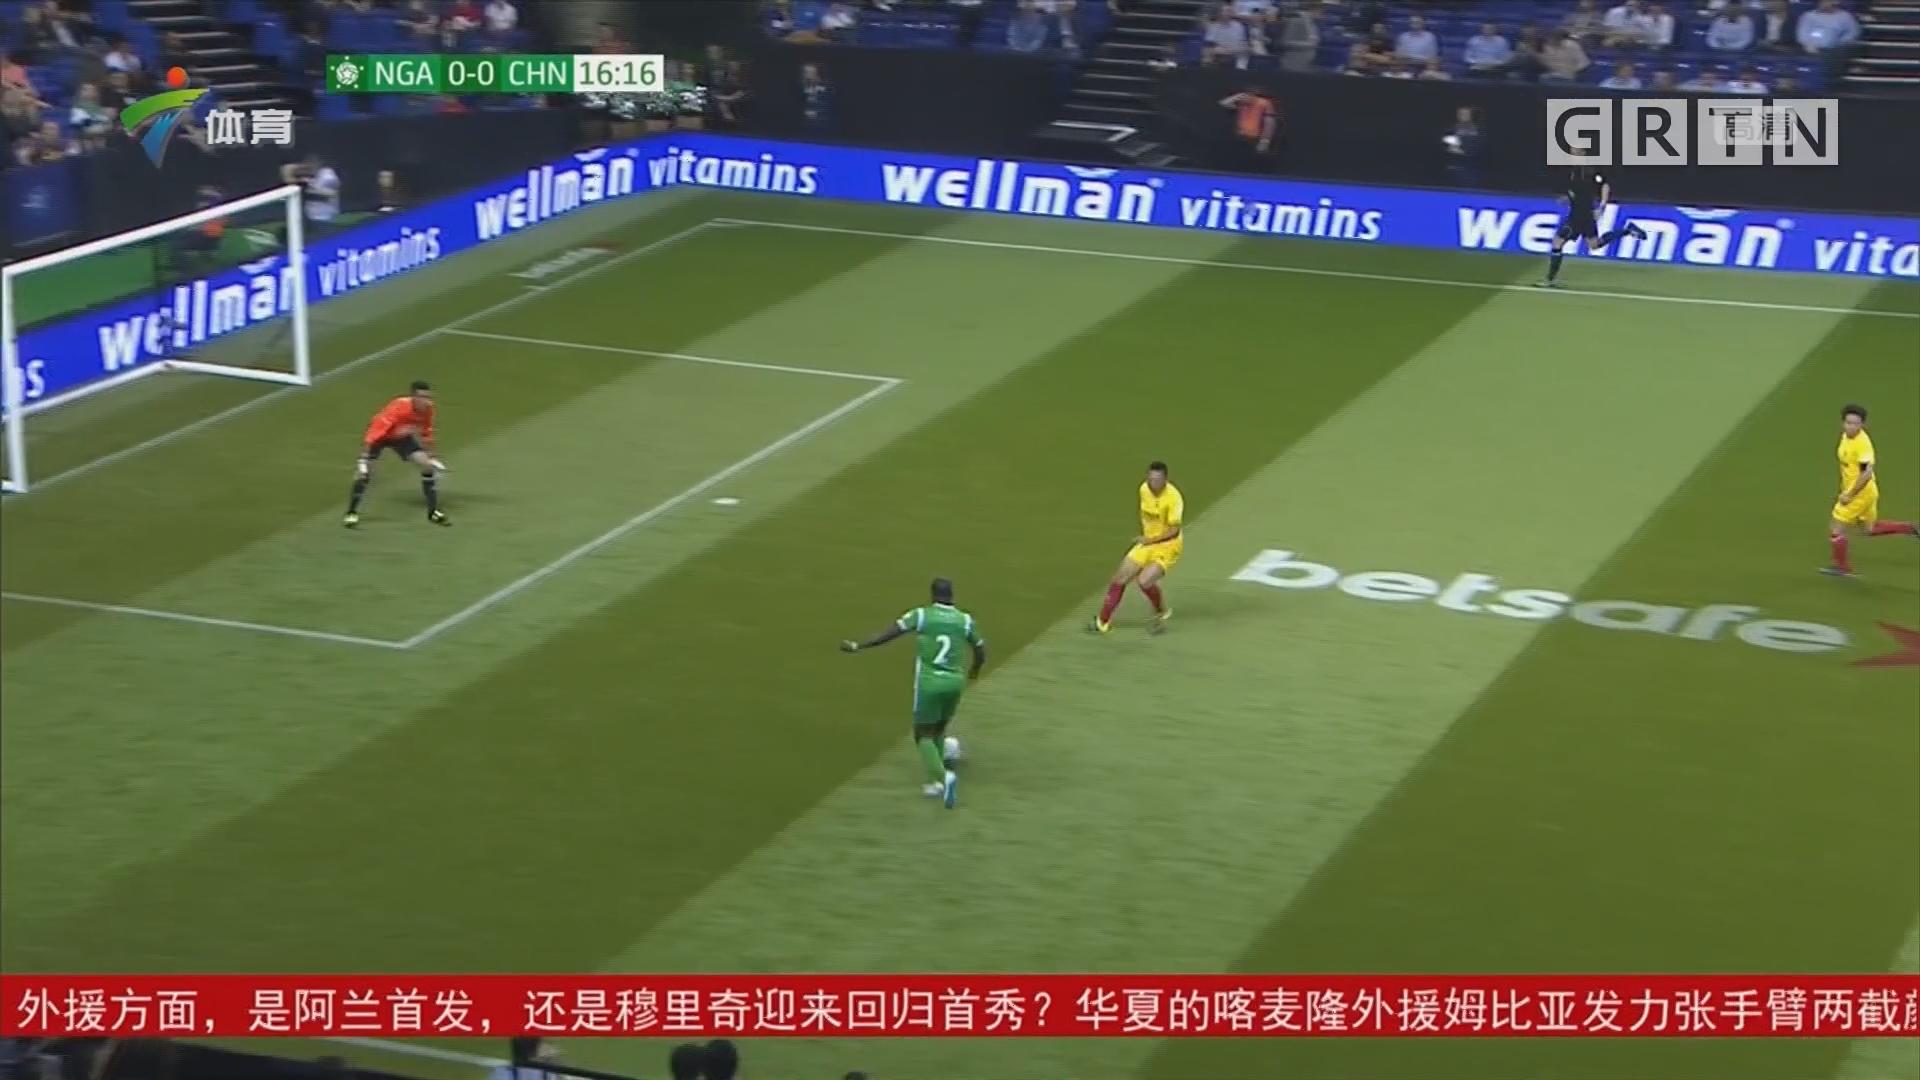 六人足球传奇元老赛 中国首战一球小负